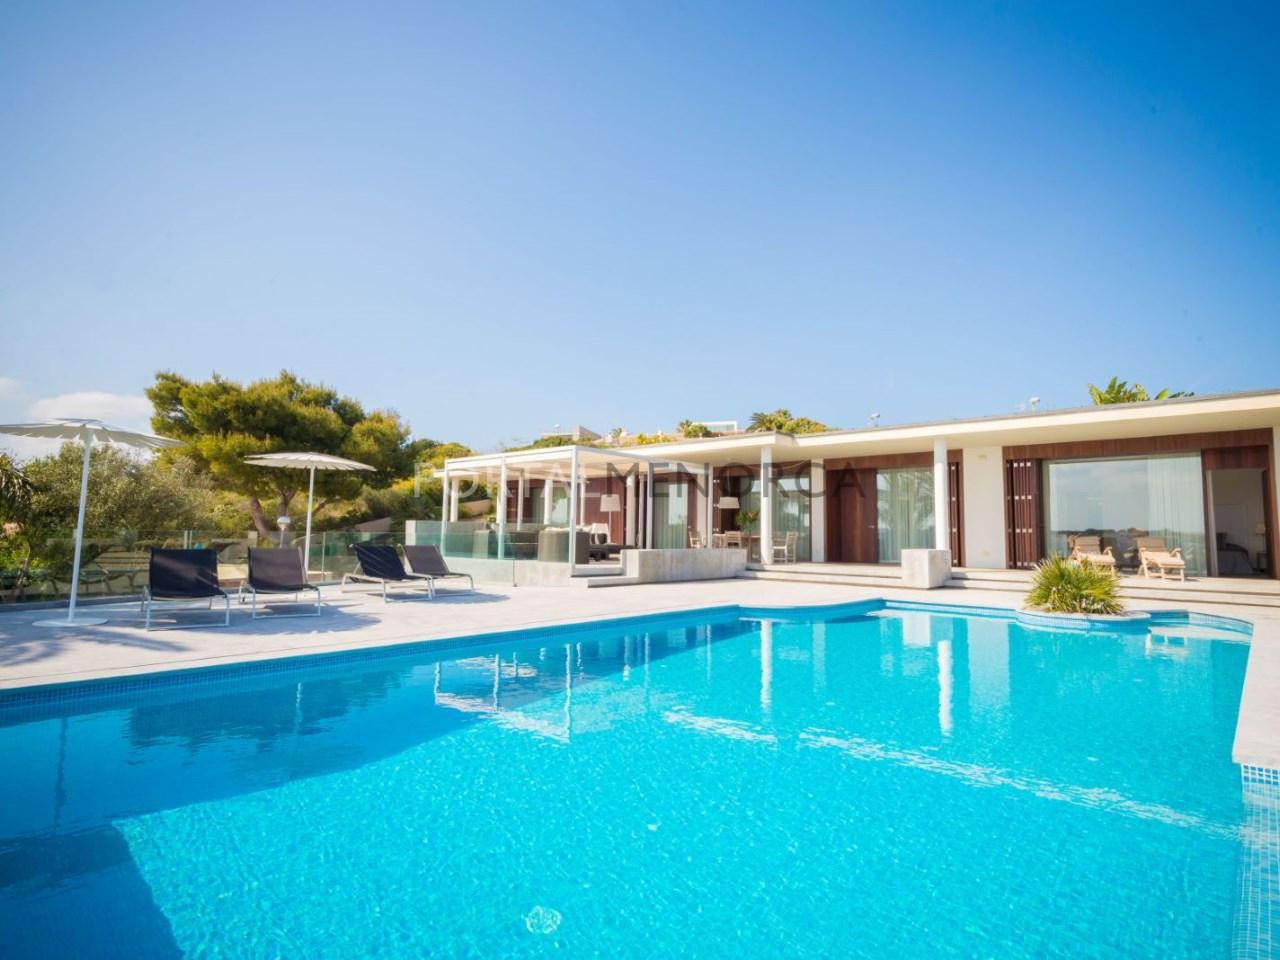 acheter-maison-luxe-menorca (6)